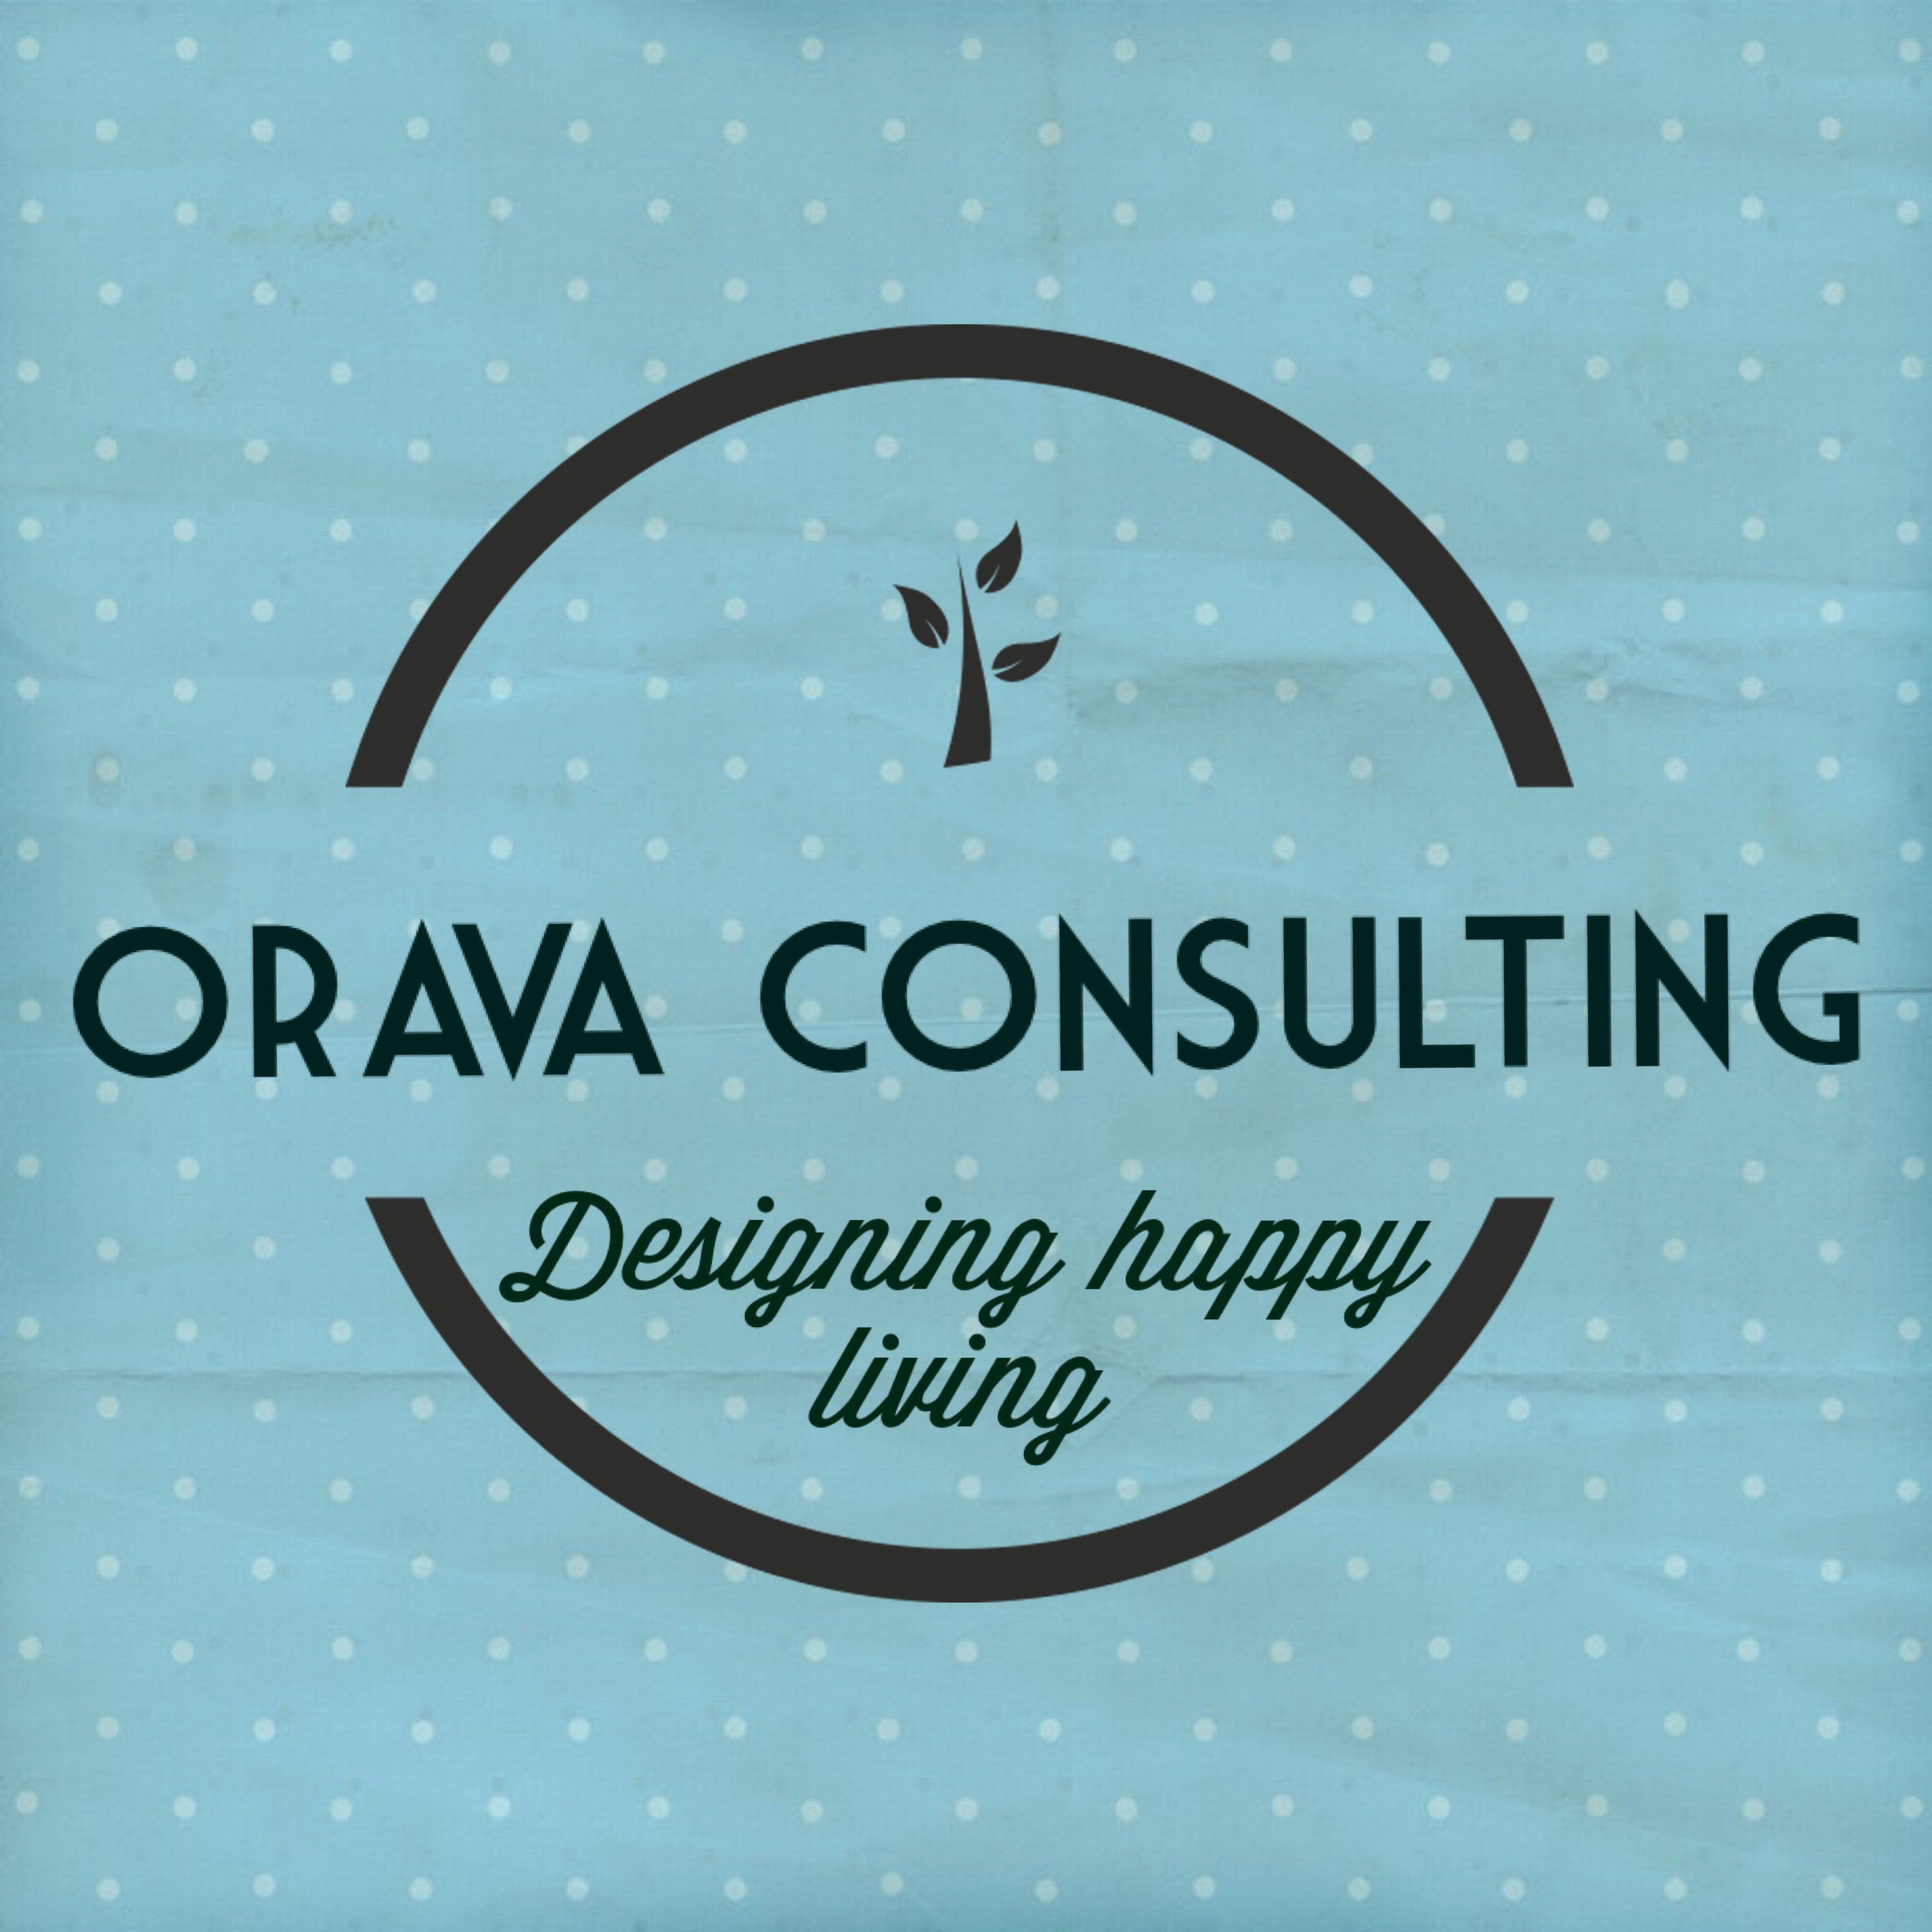 Orava Consulting